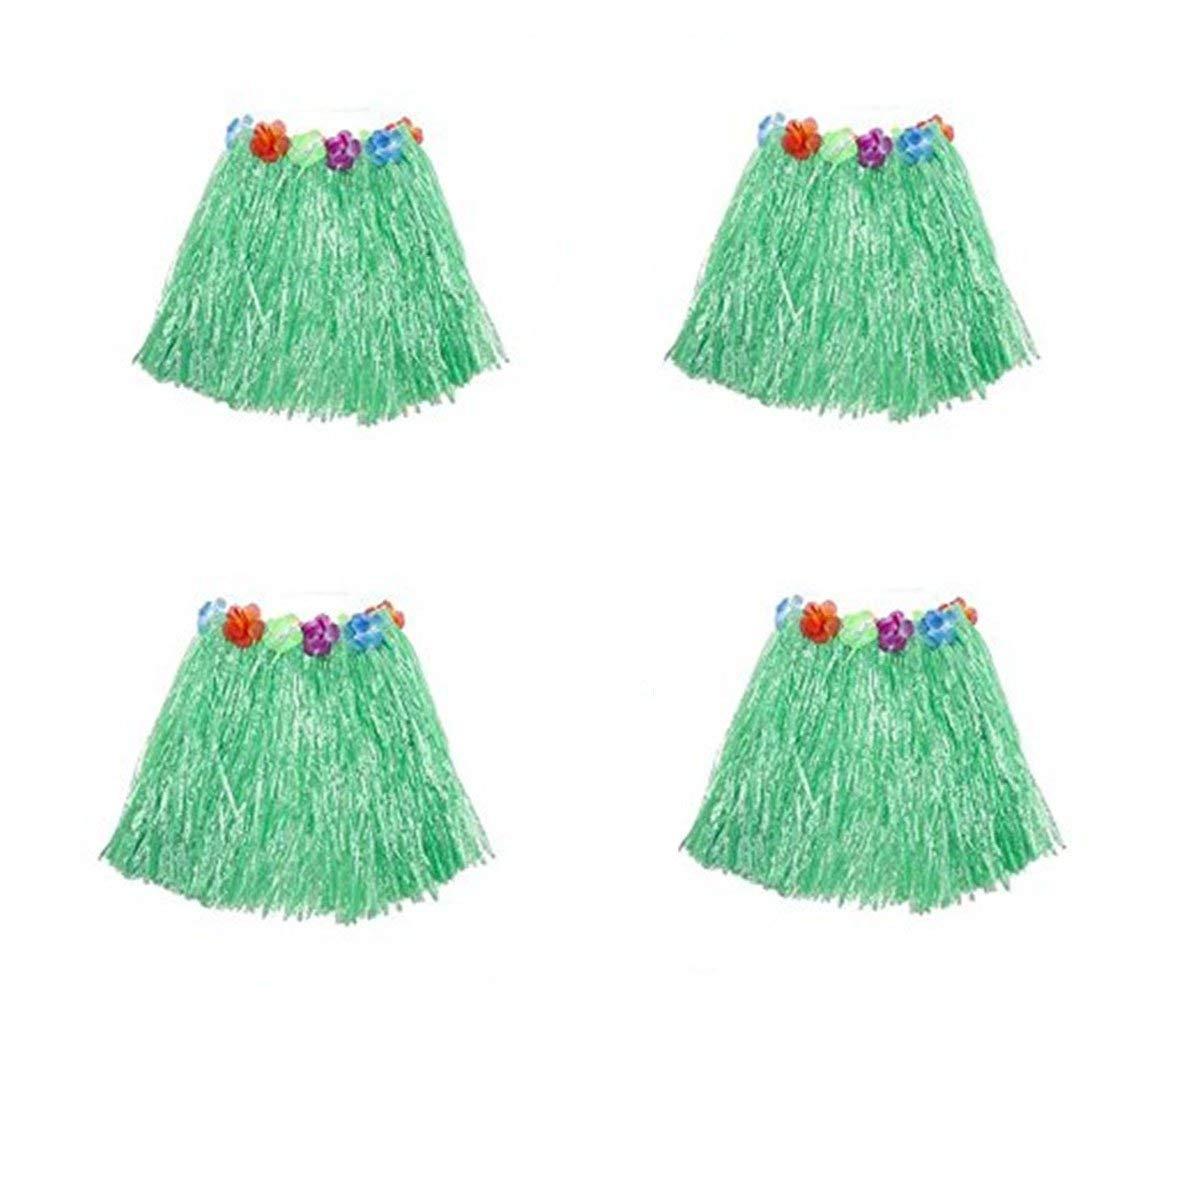 Yansanido Pack of 4 Graduation Dancing Hula Set Grass Skirt Children Costume Suit Elastic Hawaiian Hula Dancer Grass Skirt/30cm (Green 4pcs)